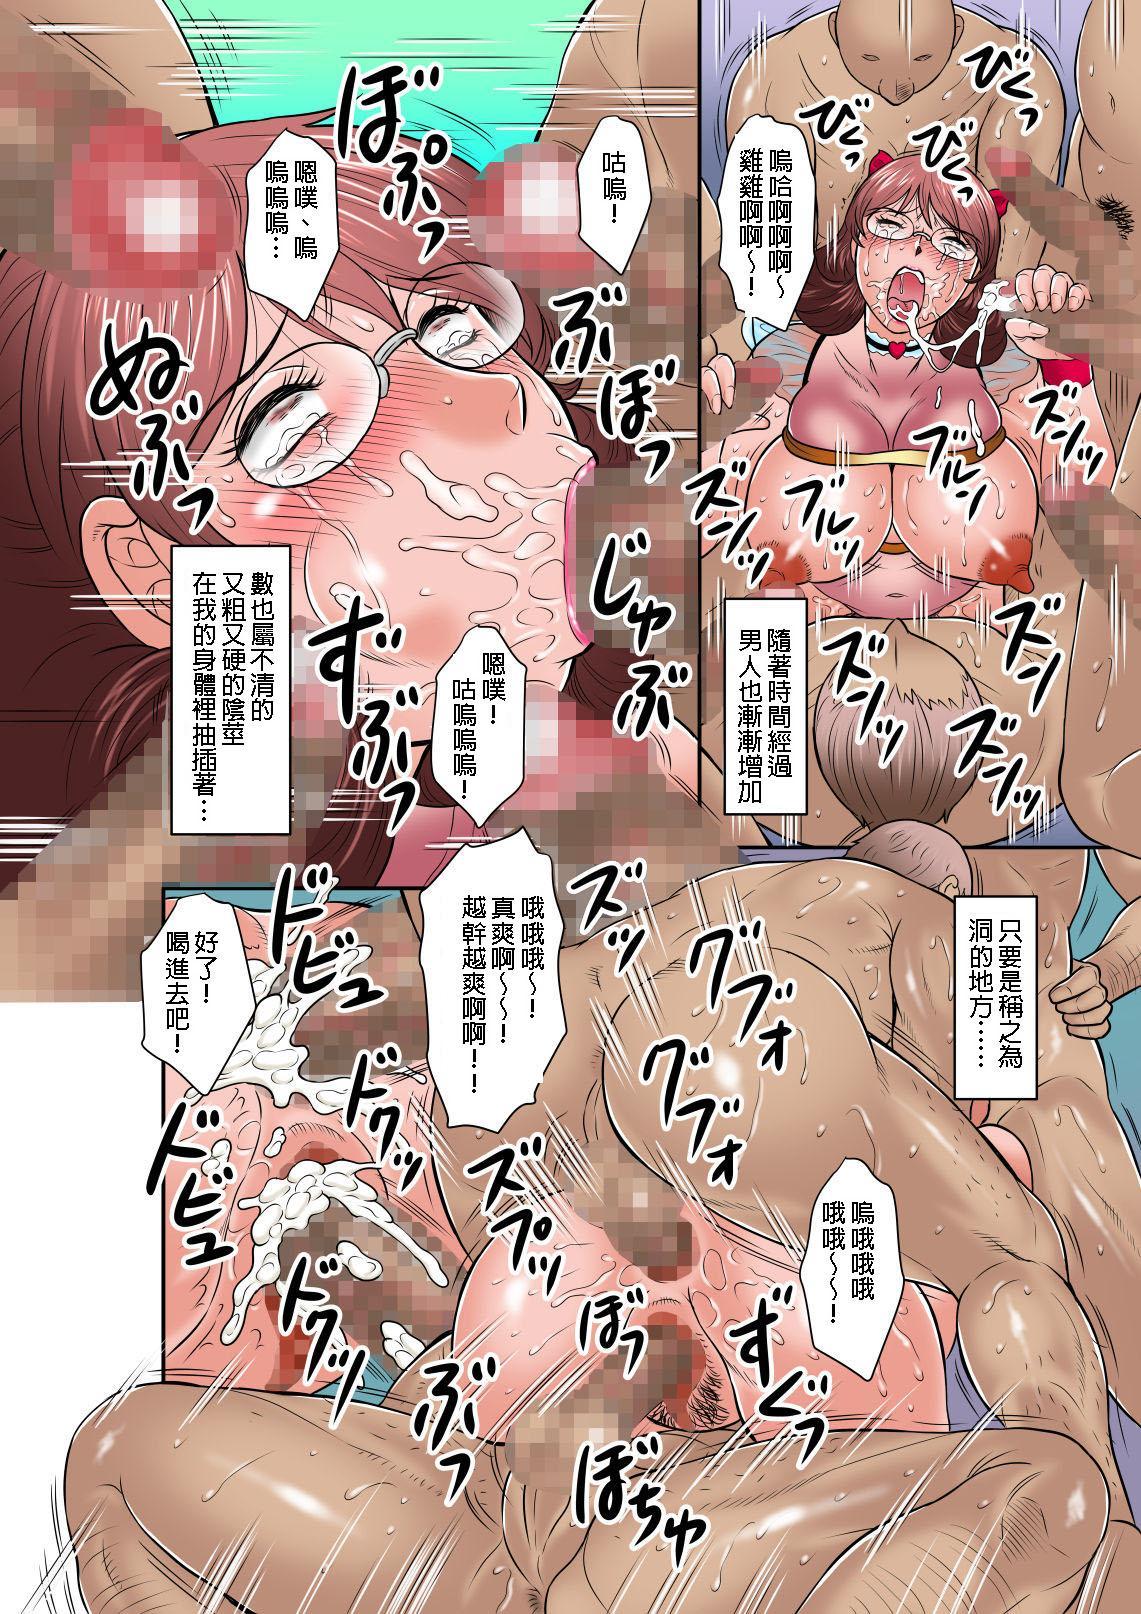 [Fuusen Club] Inka no Shizuku - Nikubenki Sayako 35-sai Sono San   淫花的綻放 [Chinese] [Digital] 27